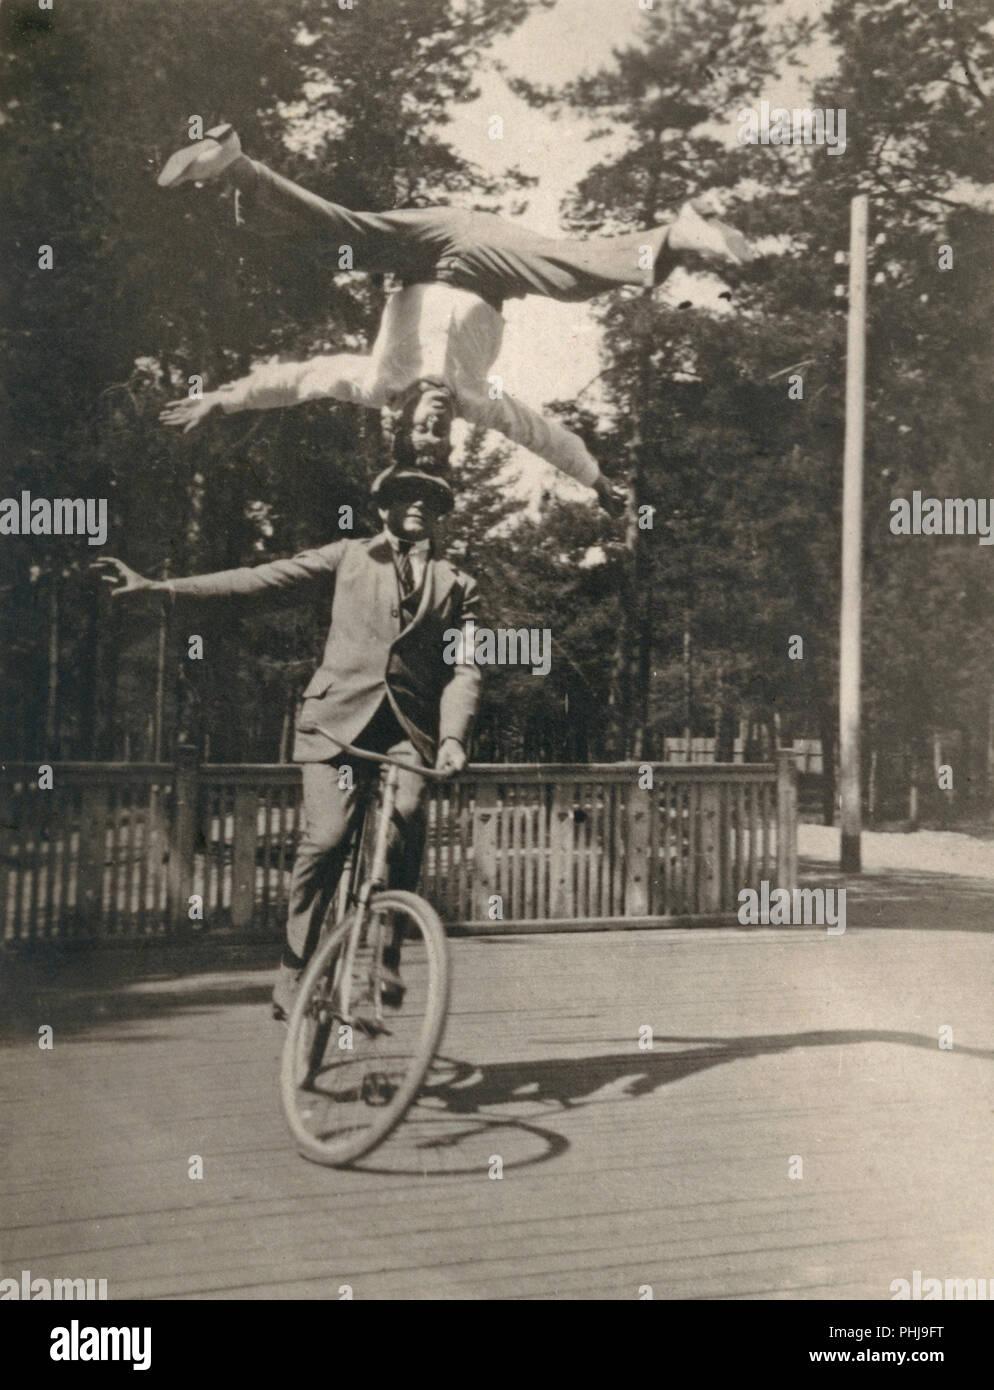 1920er Jahre Männer auf einem Fahrrad. Die schwedische Fahrrad acrobat Fritiof Malmsten führt seine Balance Akt mit seiner jungen Bruder Helge. Eine beeindruckende Leistung, wo er auf seinen Kopf ist und nicht mit den Händen, sein Gleichgewicht zu halten. Fritiof Malmsten wurde zu einem international bekannten Fahrrad Acrobat. Stockbild